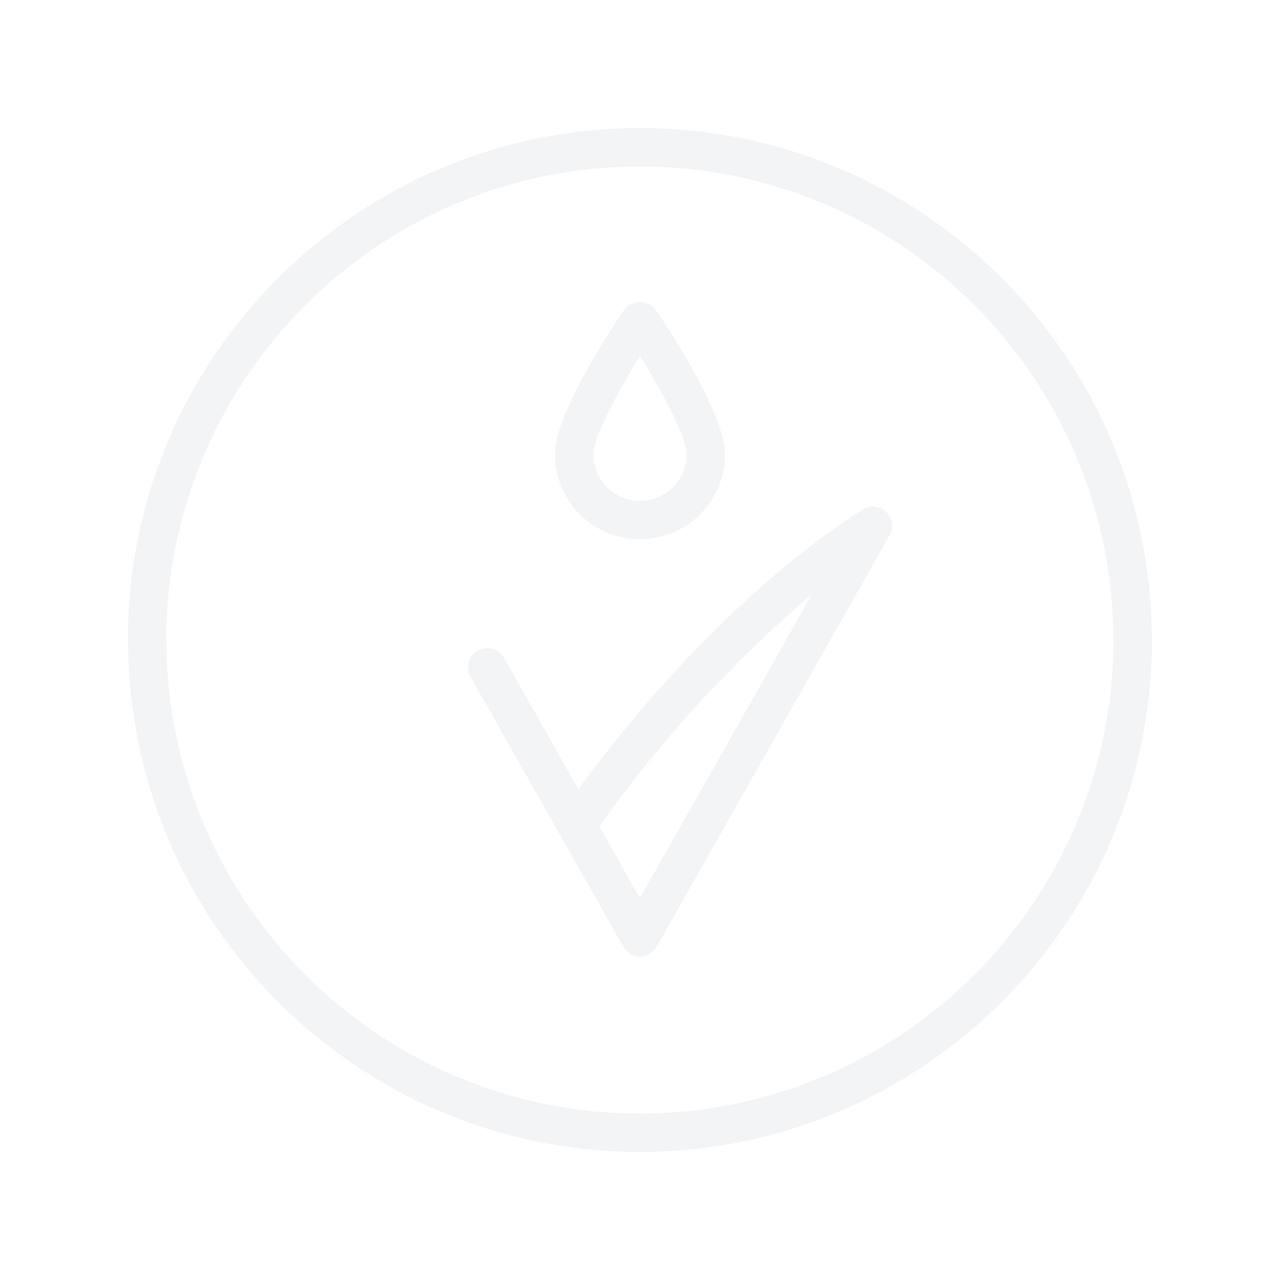 MONT BLANC Legend Spirit Deodorant Stick 75g